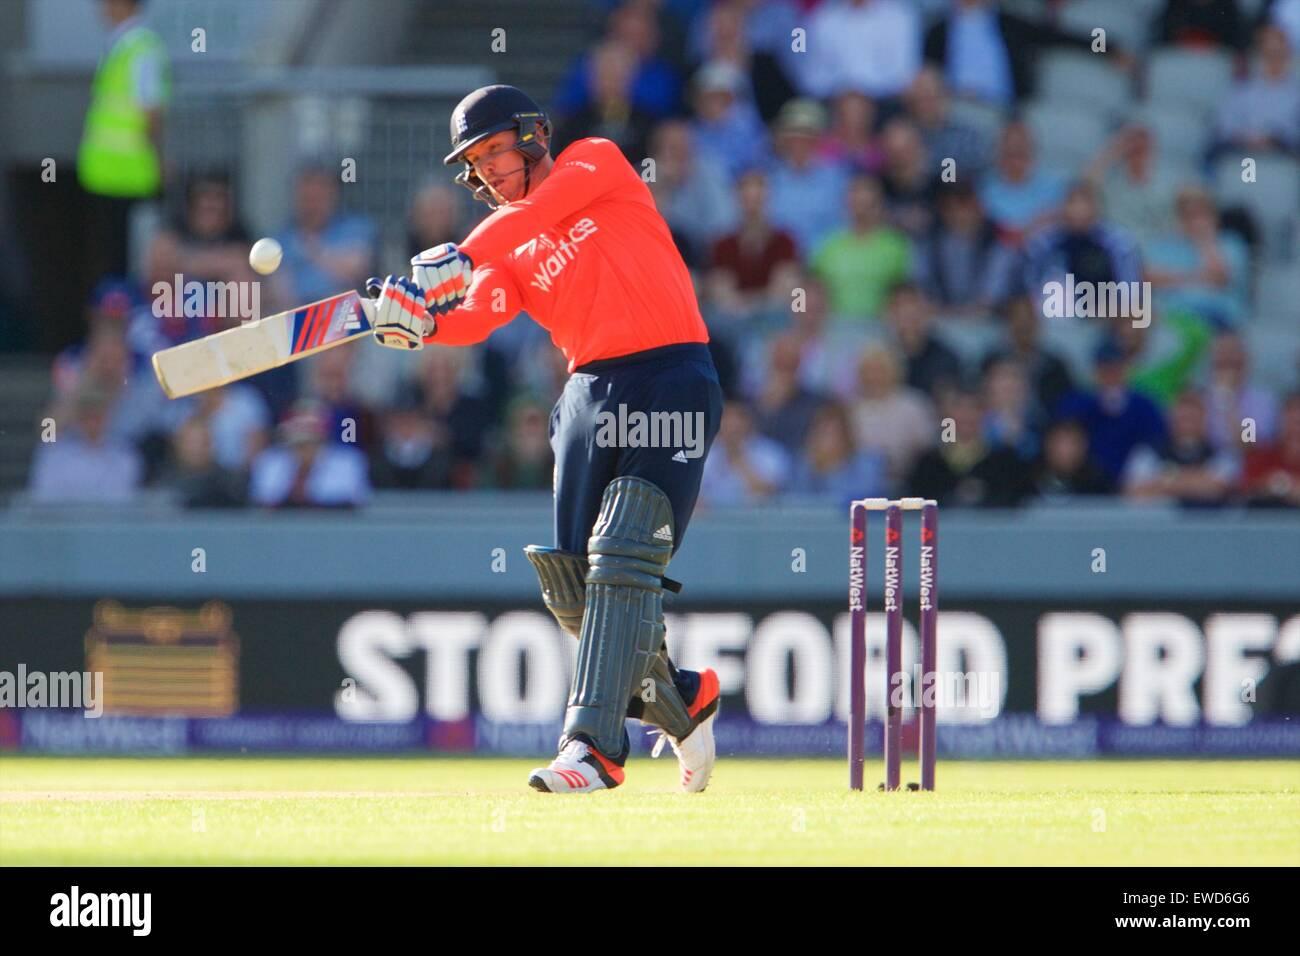 Manchester, Regno Unito. Il 23 giugno, 2015. NatWest International T20 Cricket. Tra Inghilterra e Nuova Zelanda. Immagini Stock